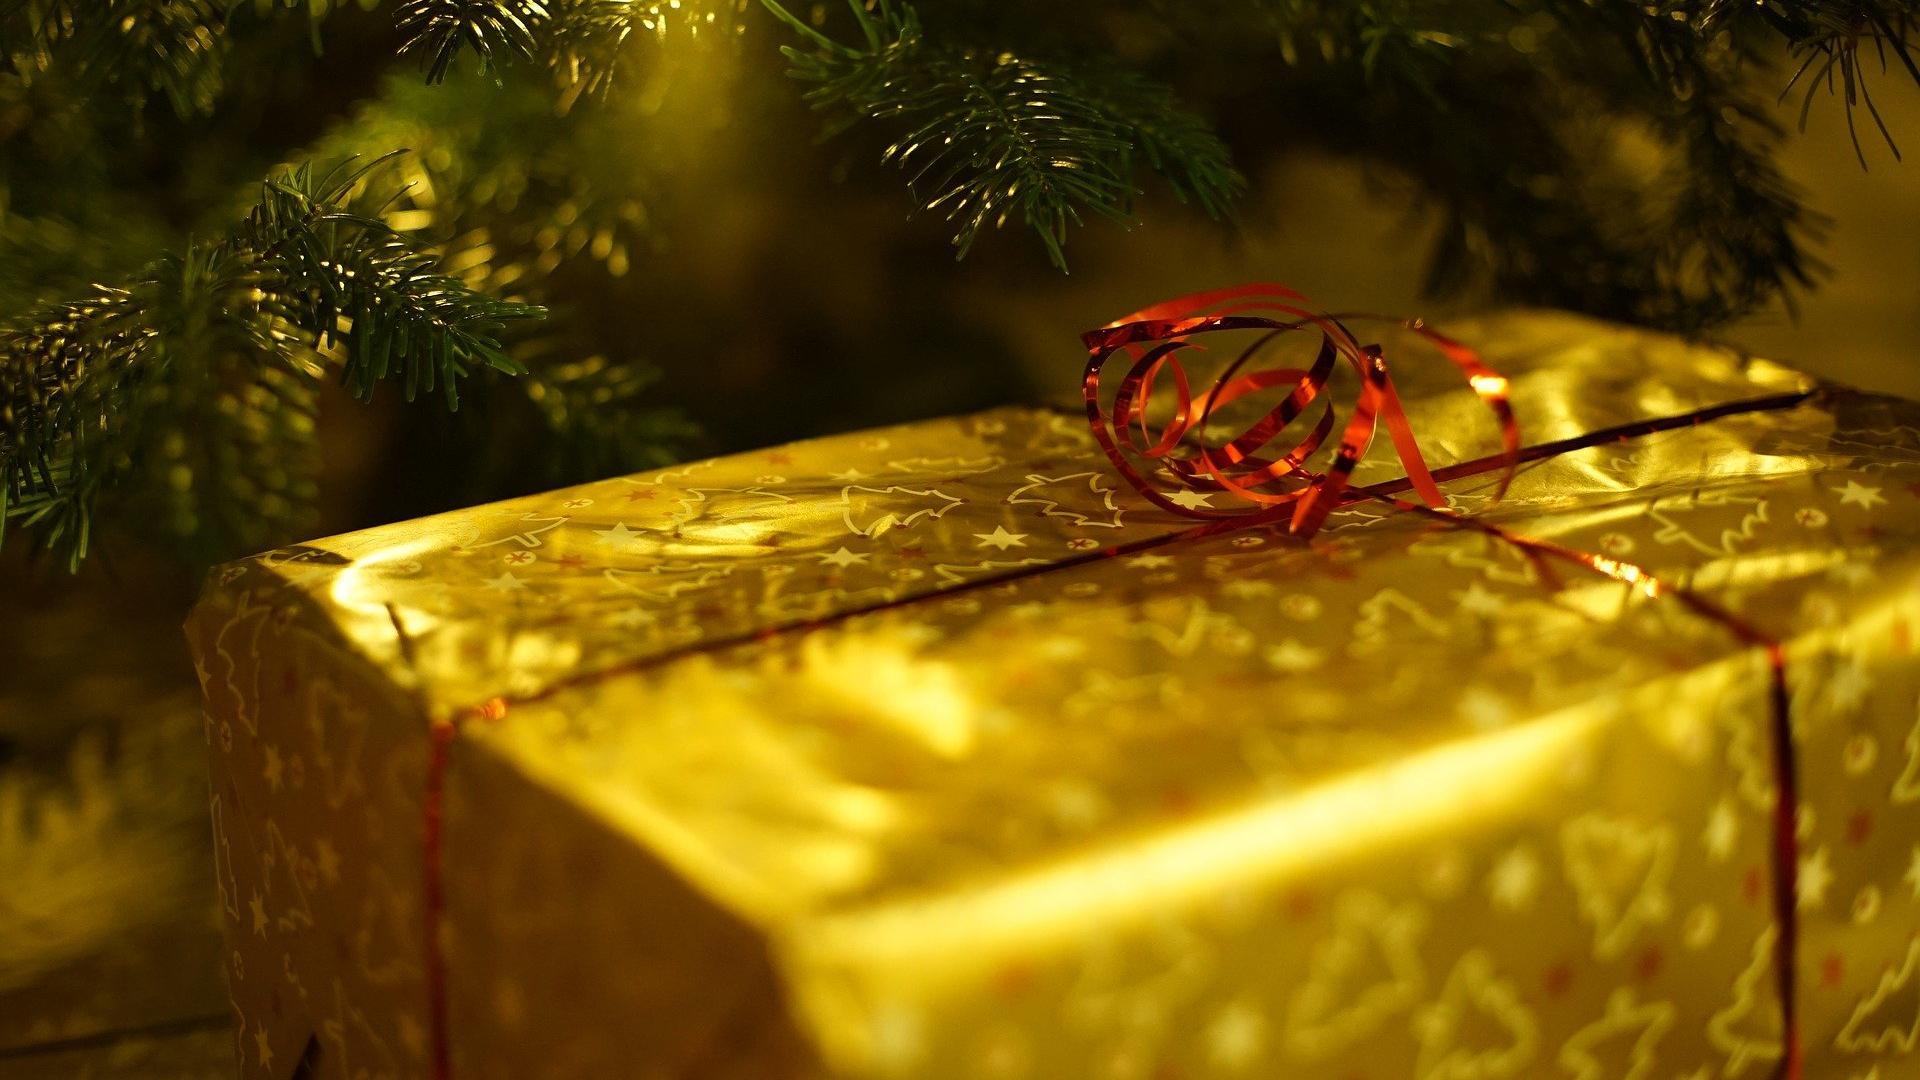 Luxusgeschenke für Weihnachten als Highlight unter dem Tannenbaum.